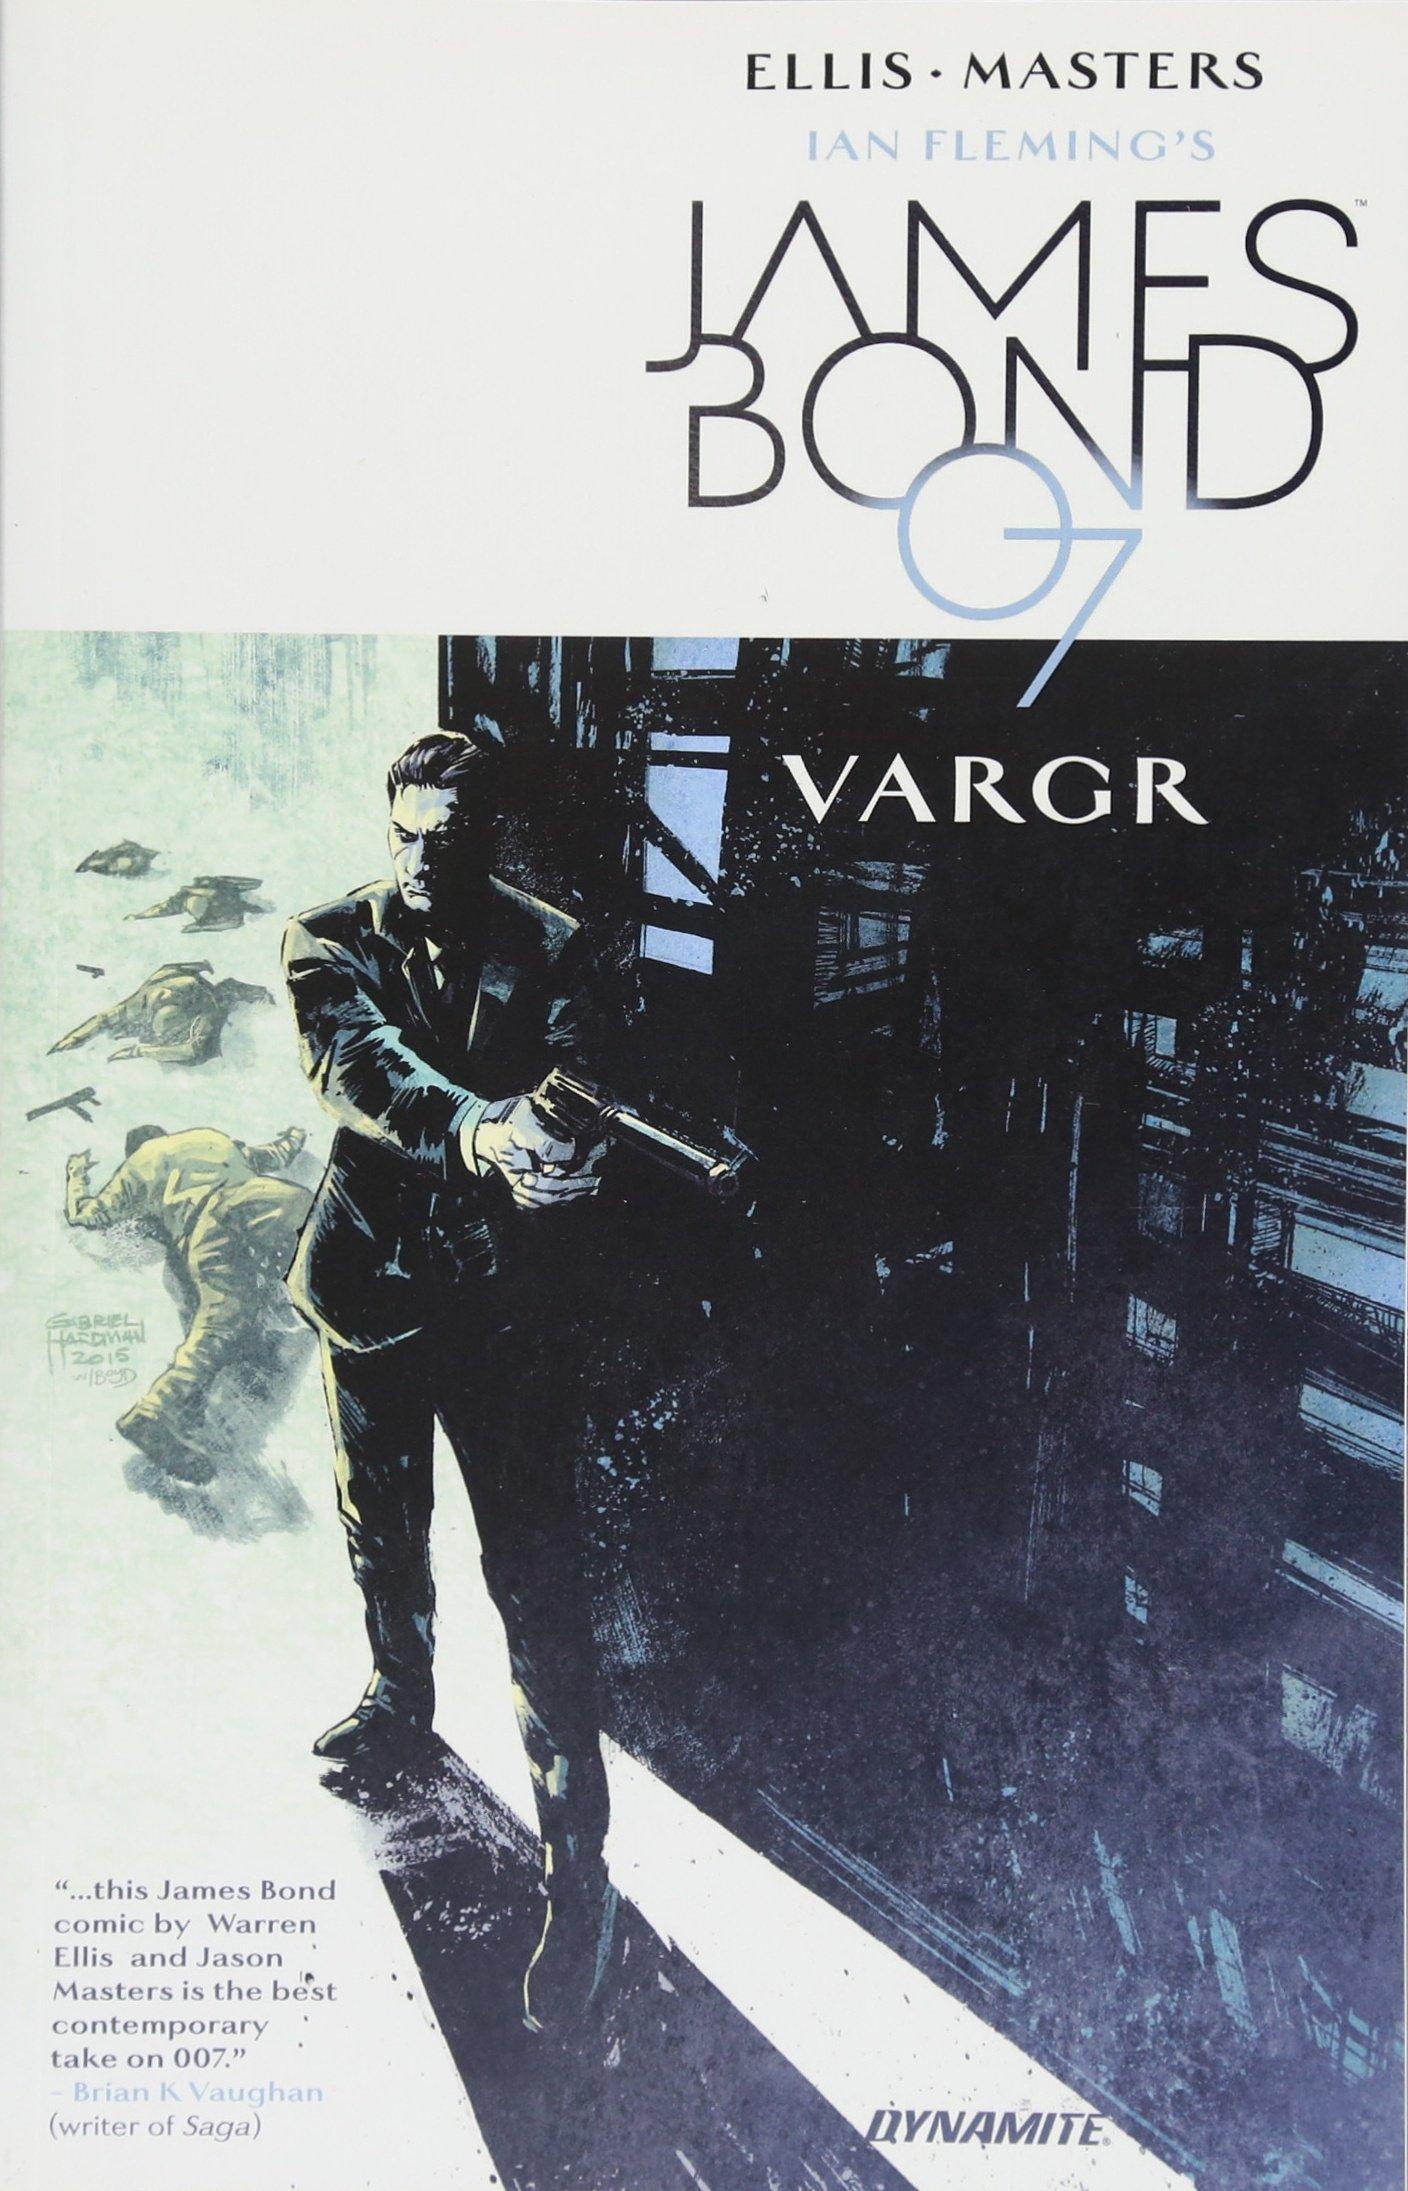 James Bond holding a gun.